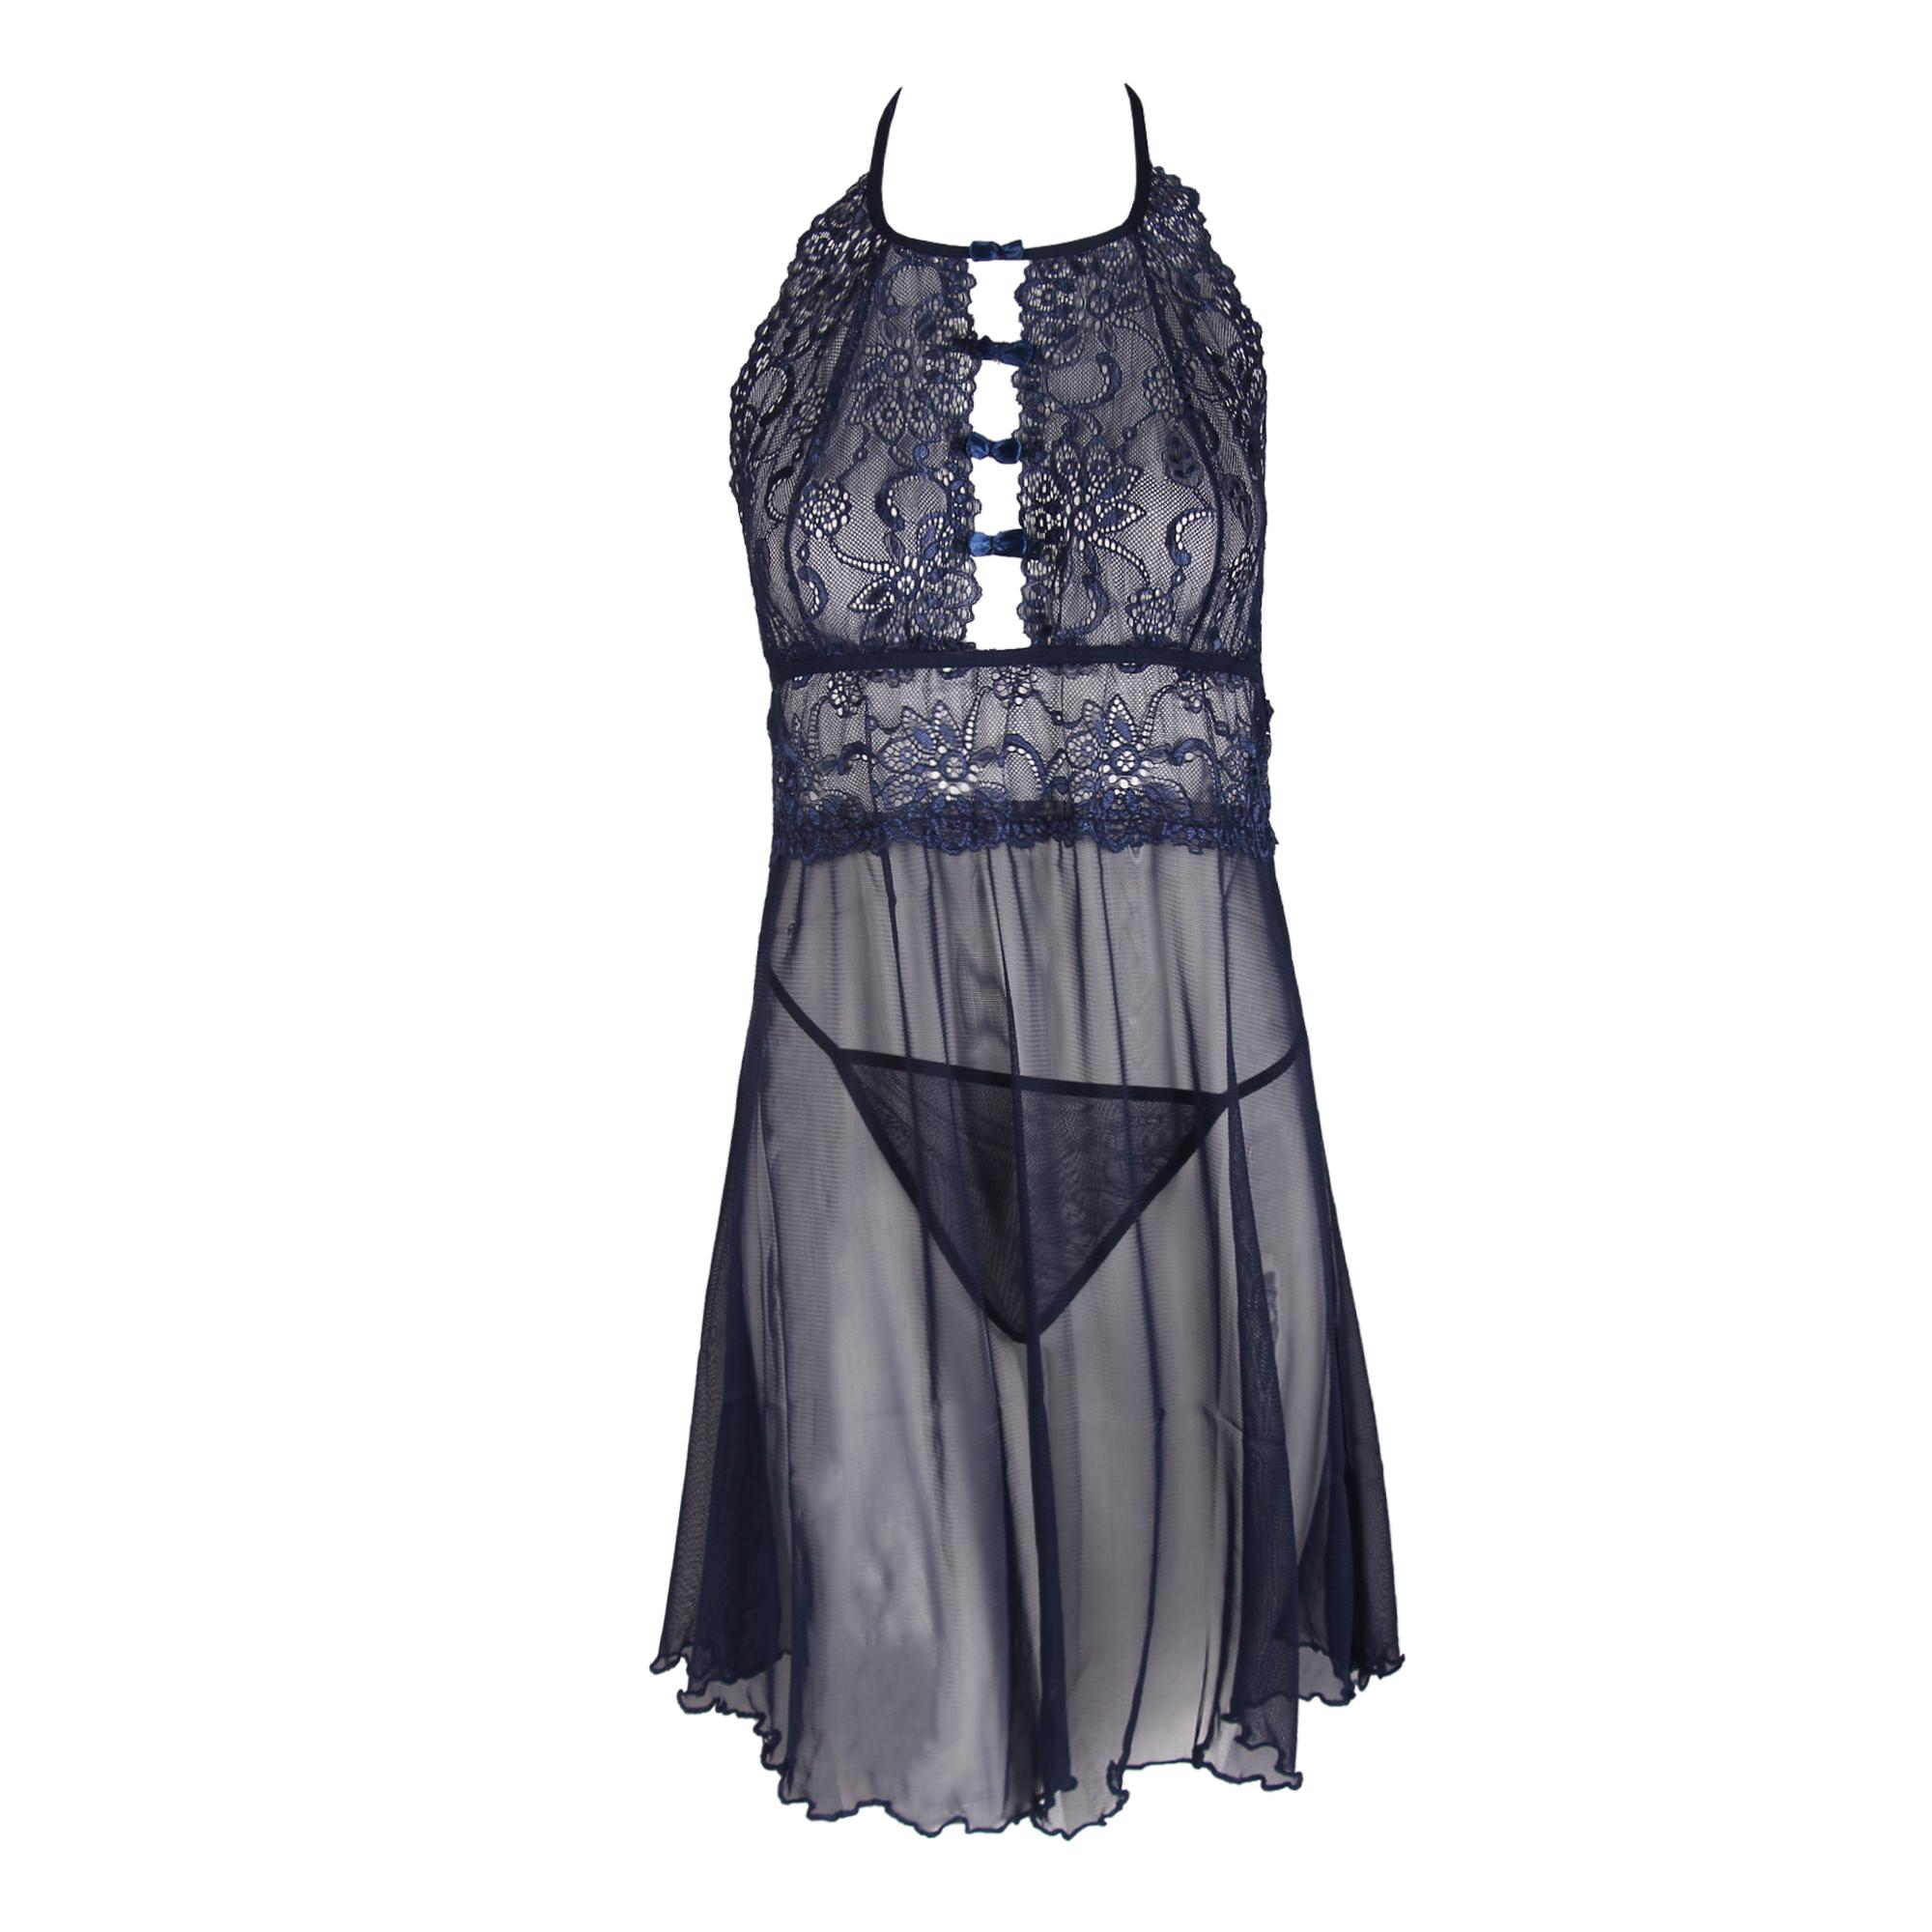 خرید لباس خواب زنانه فانتزی ارزان